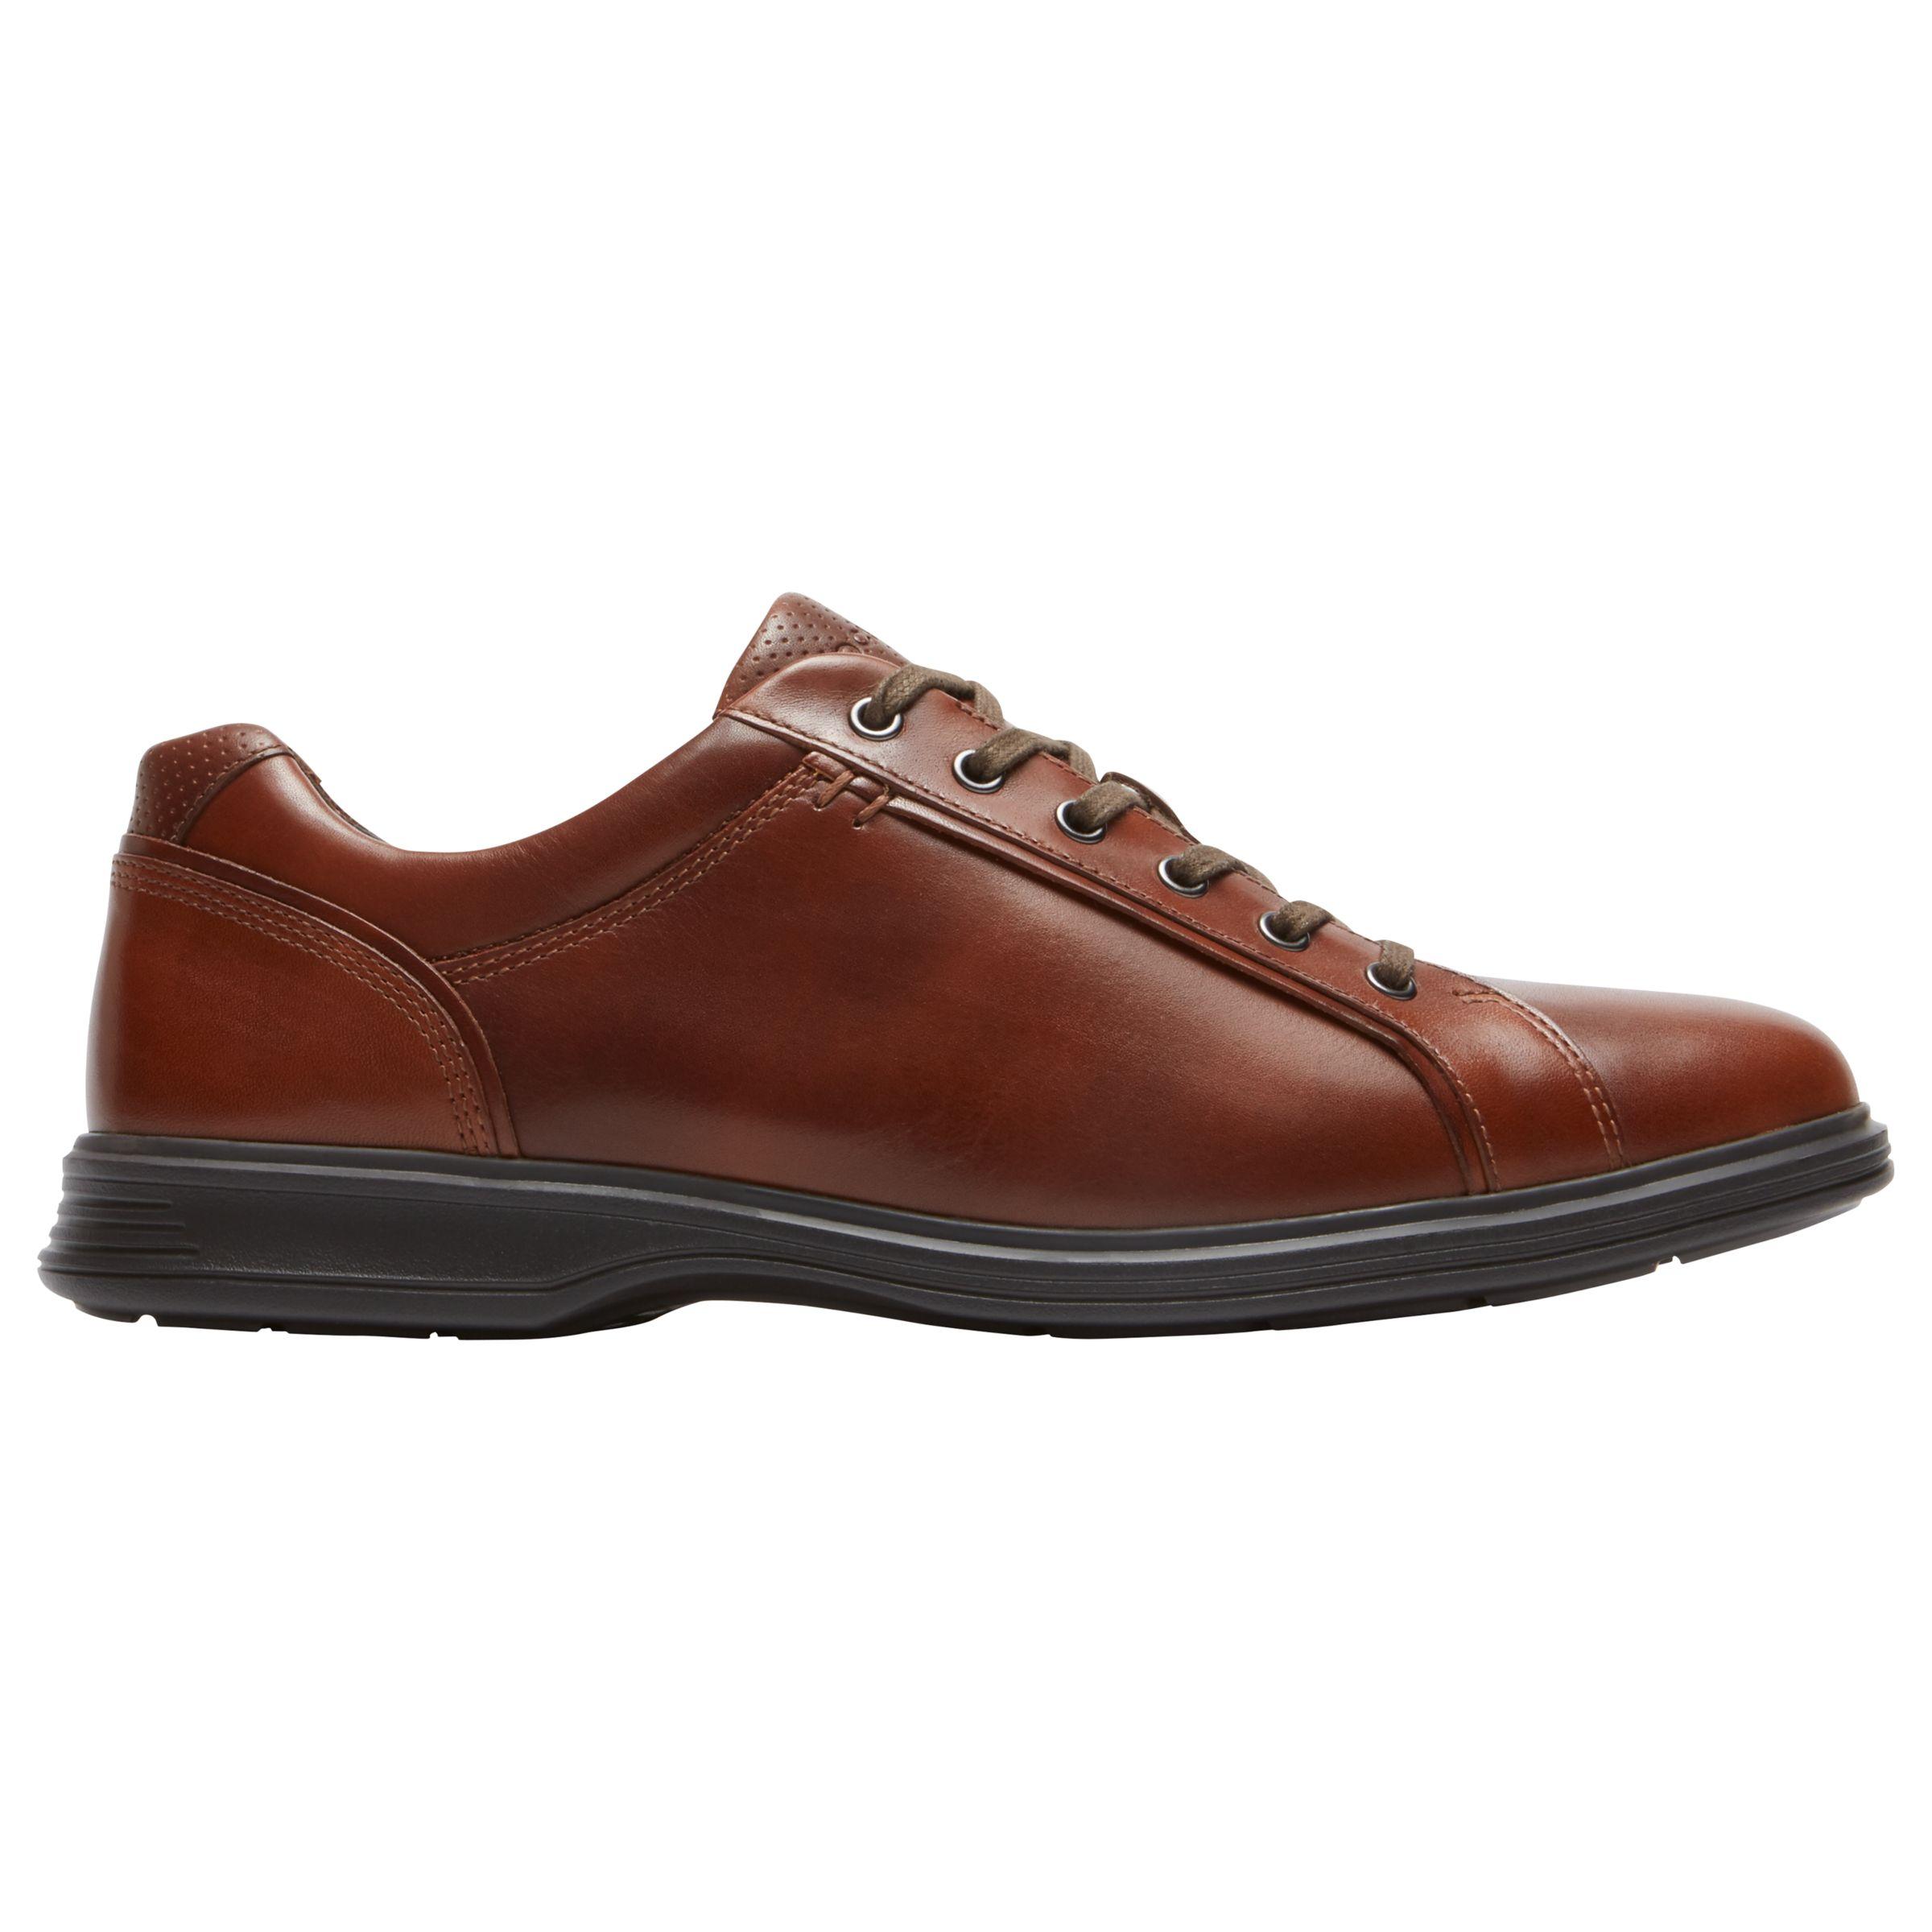 Rockport Rockport Dressports 2 Lite Shoes